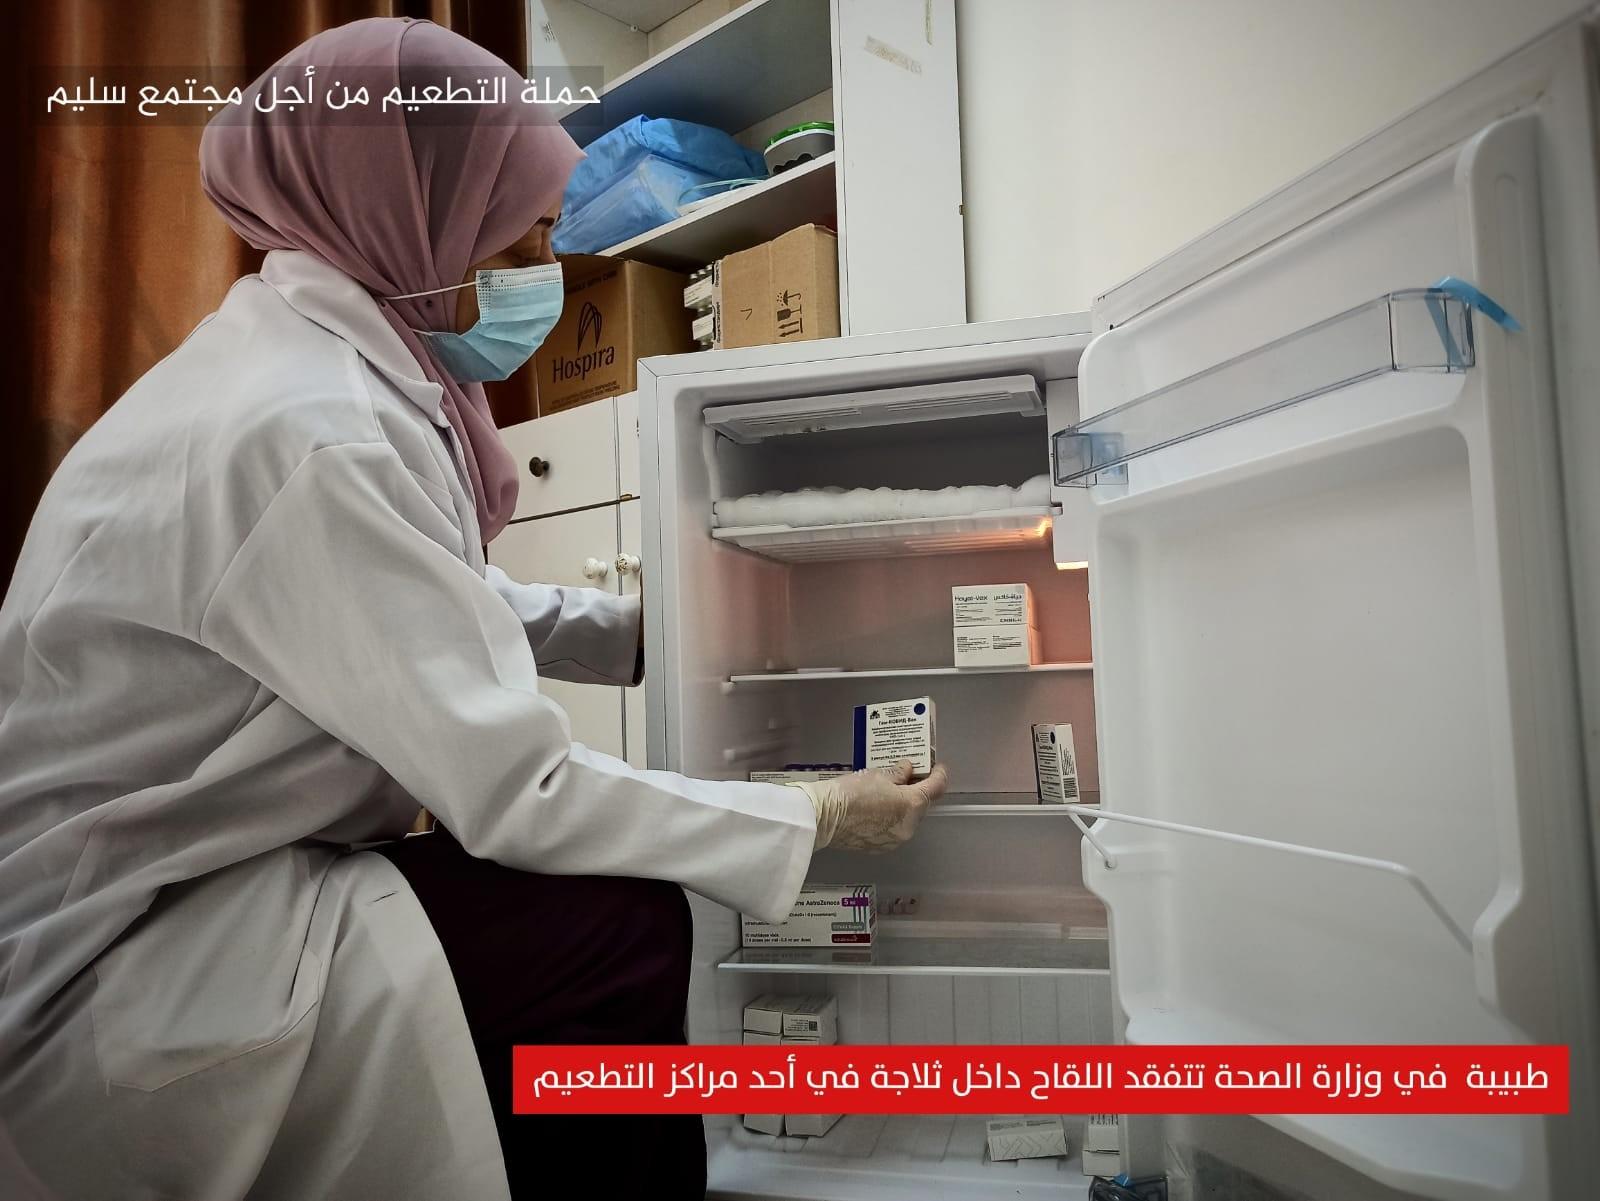 مراحل حفظ لقاح كورونا بغزة 14